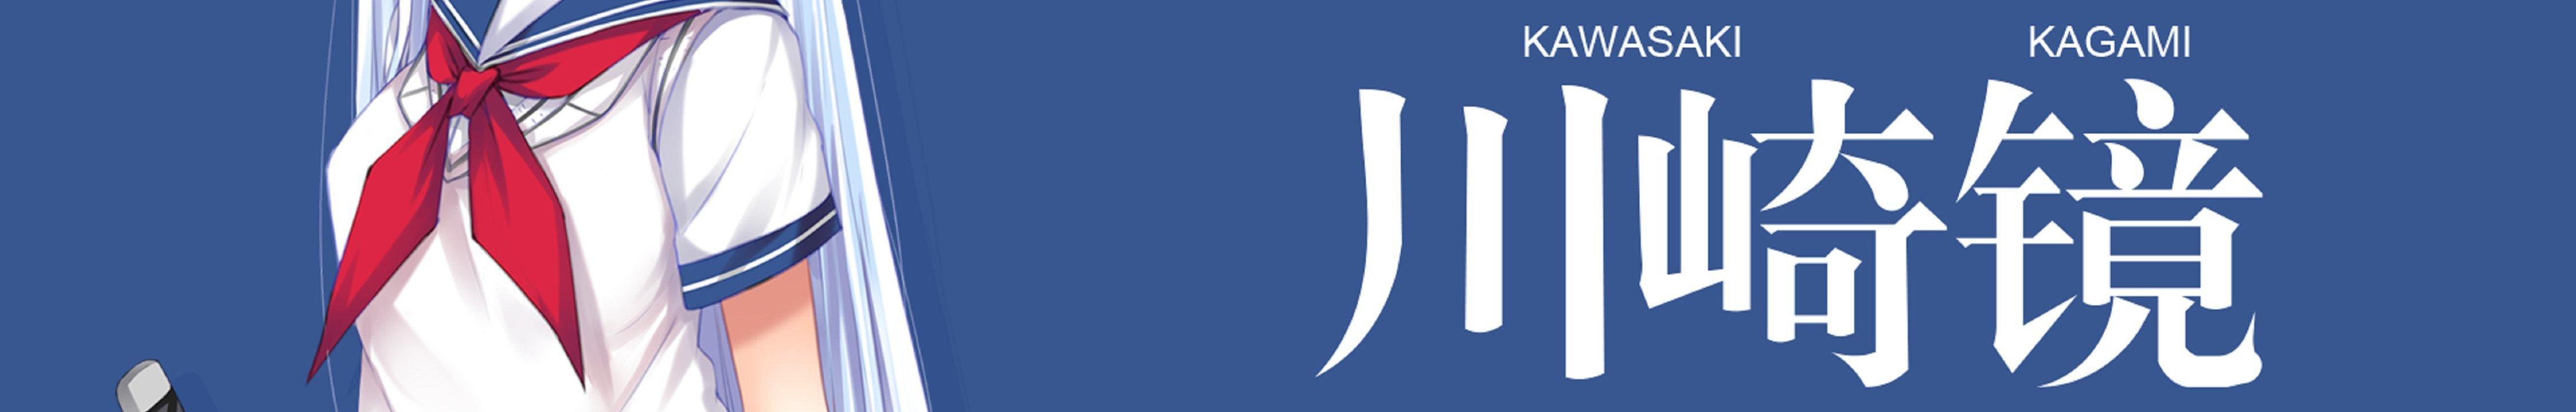 Mi德 banner